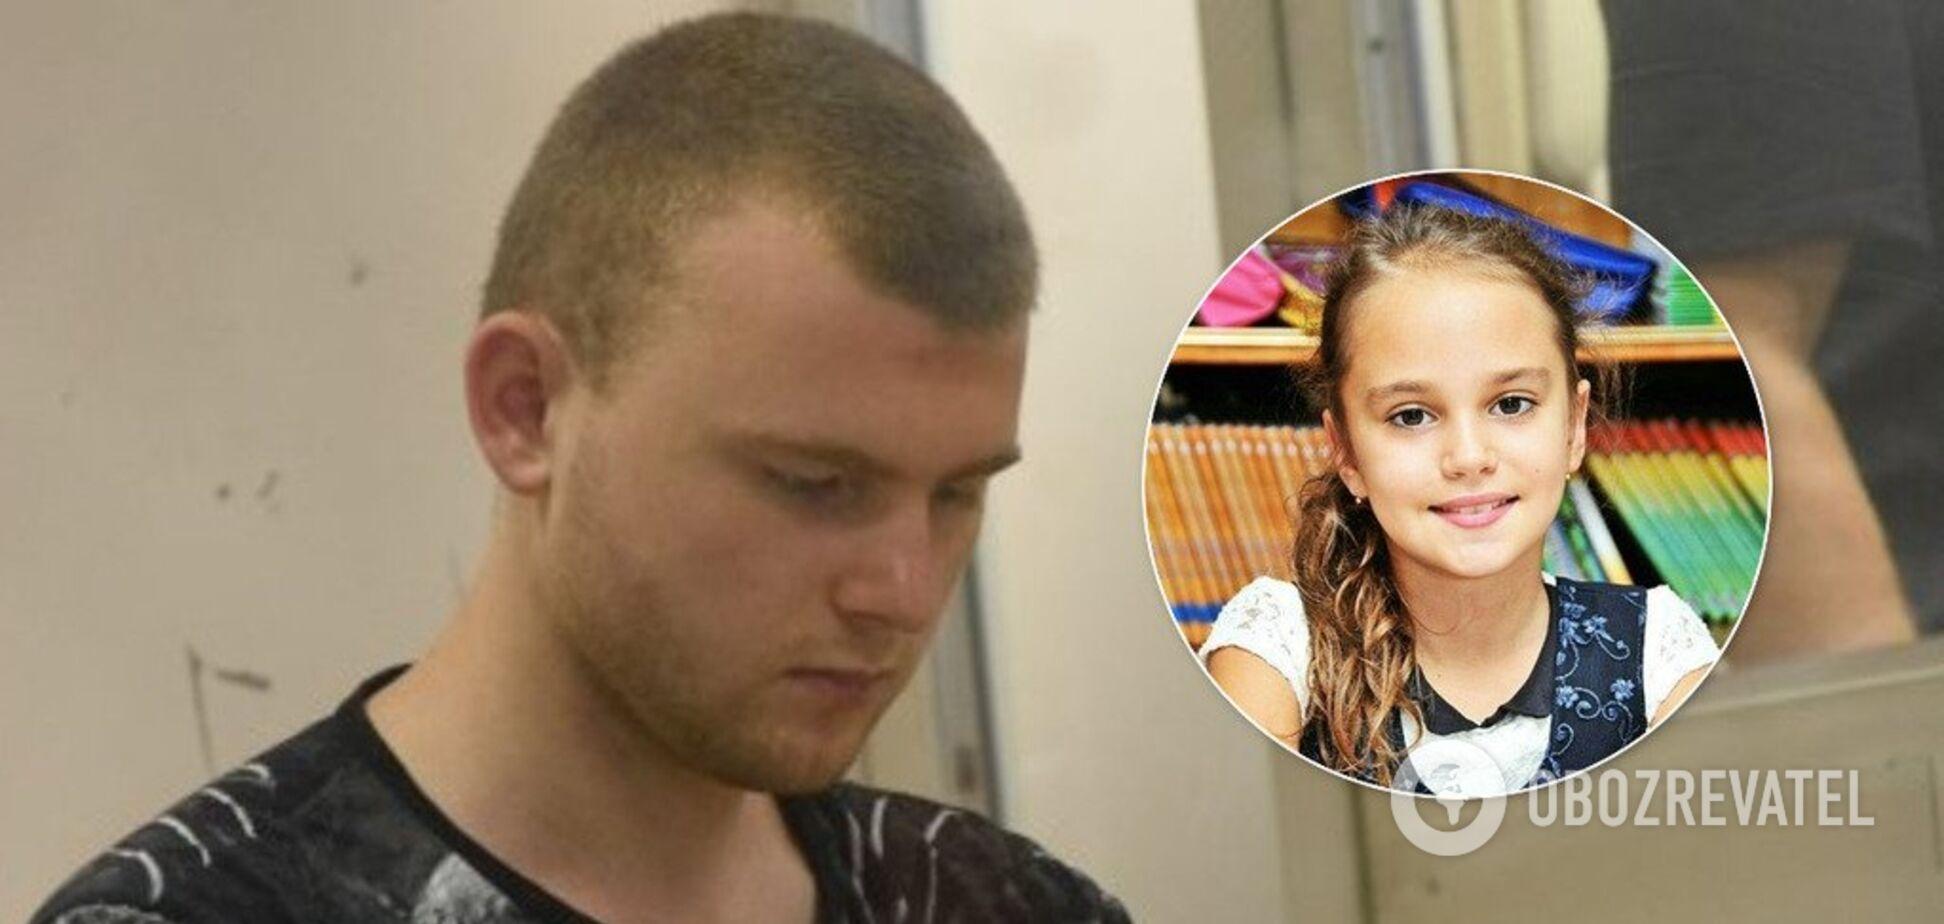 Пытался отвести от дома: всплыл интересный момент об убийце Даши Лукьяненко